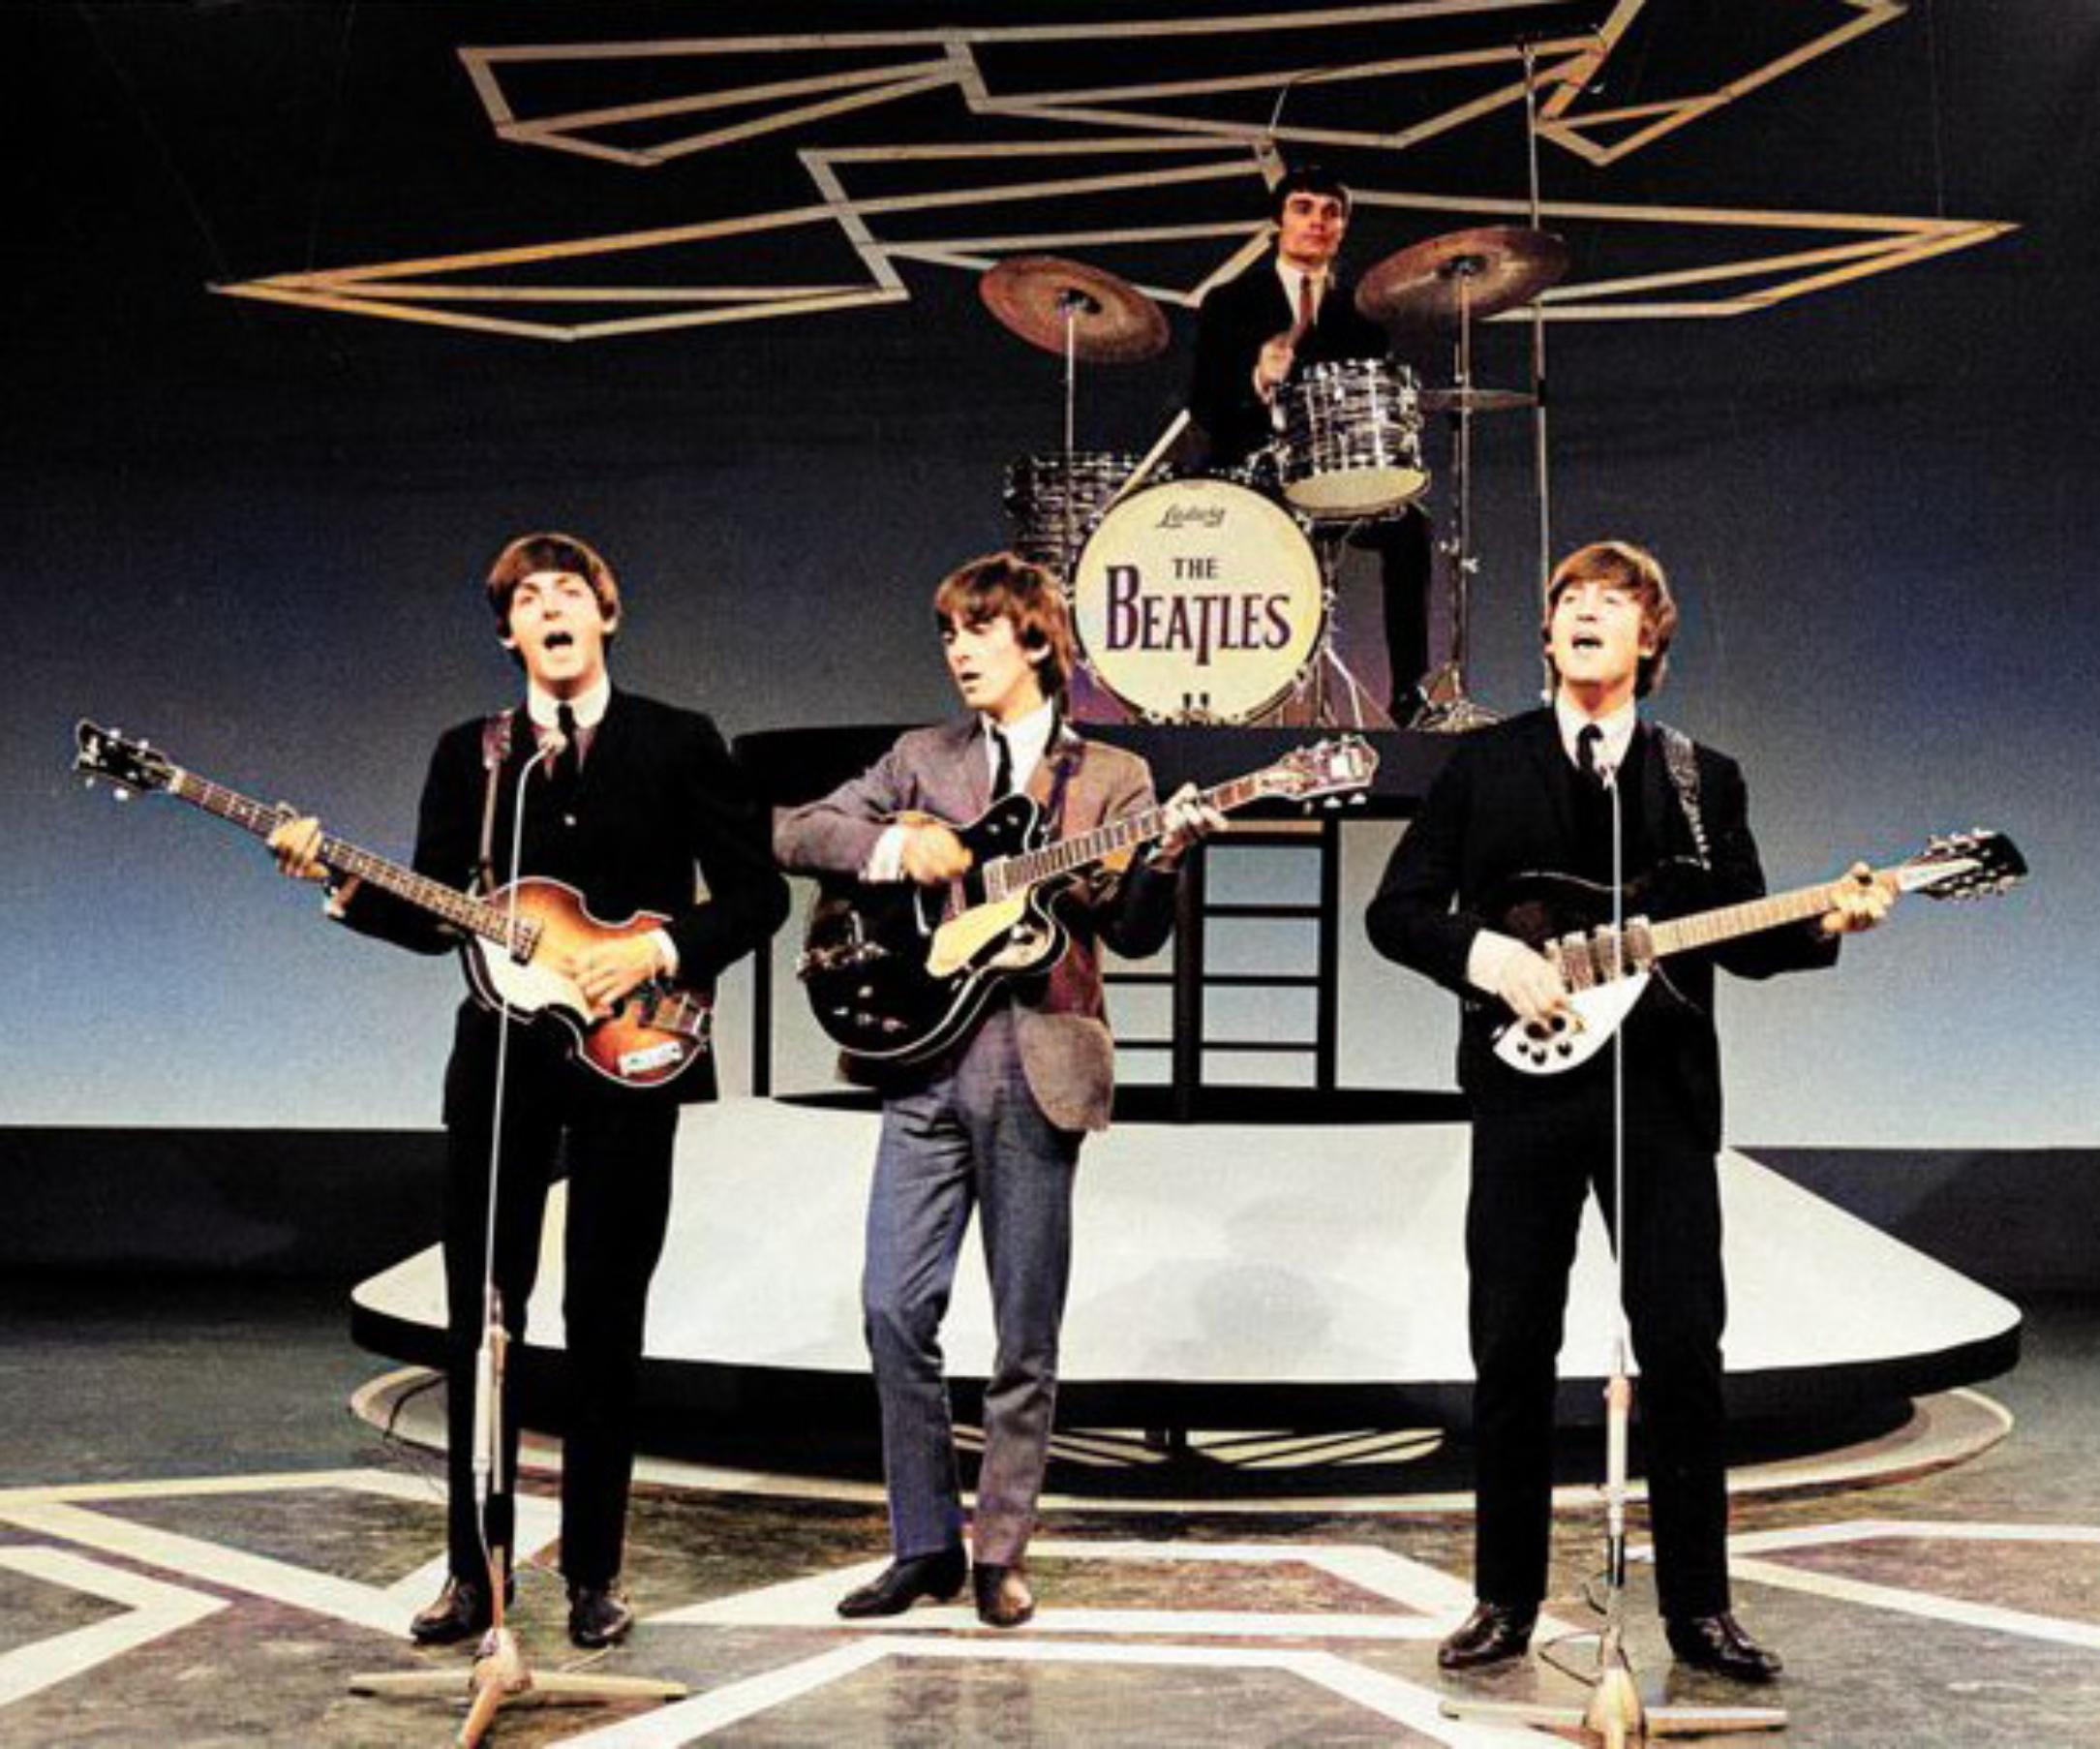 The Beatles in Hillegom: dwepen met pokkenherrie van langharig tuig